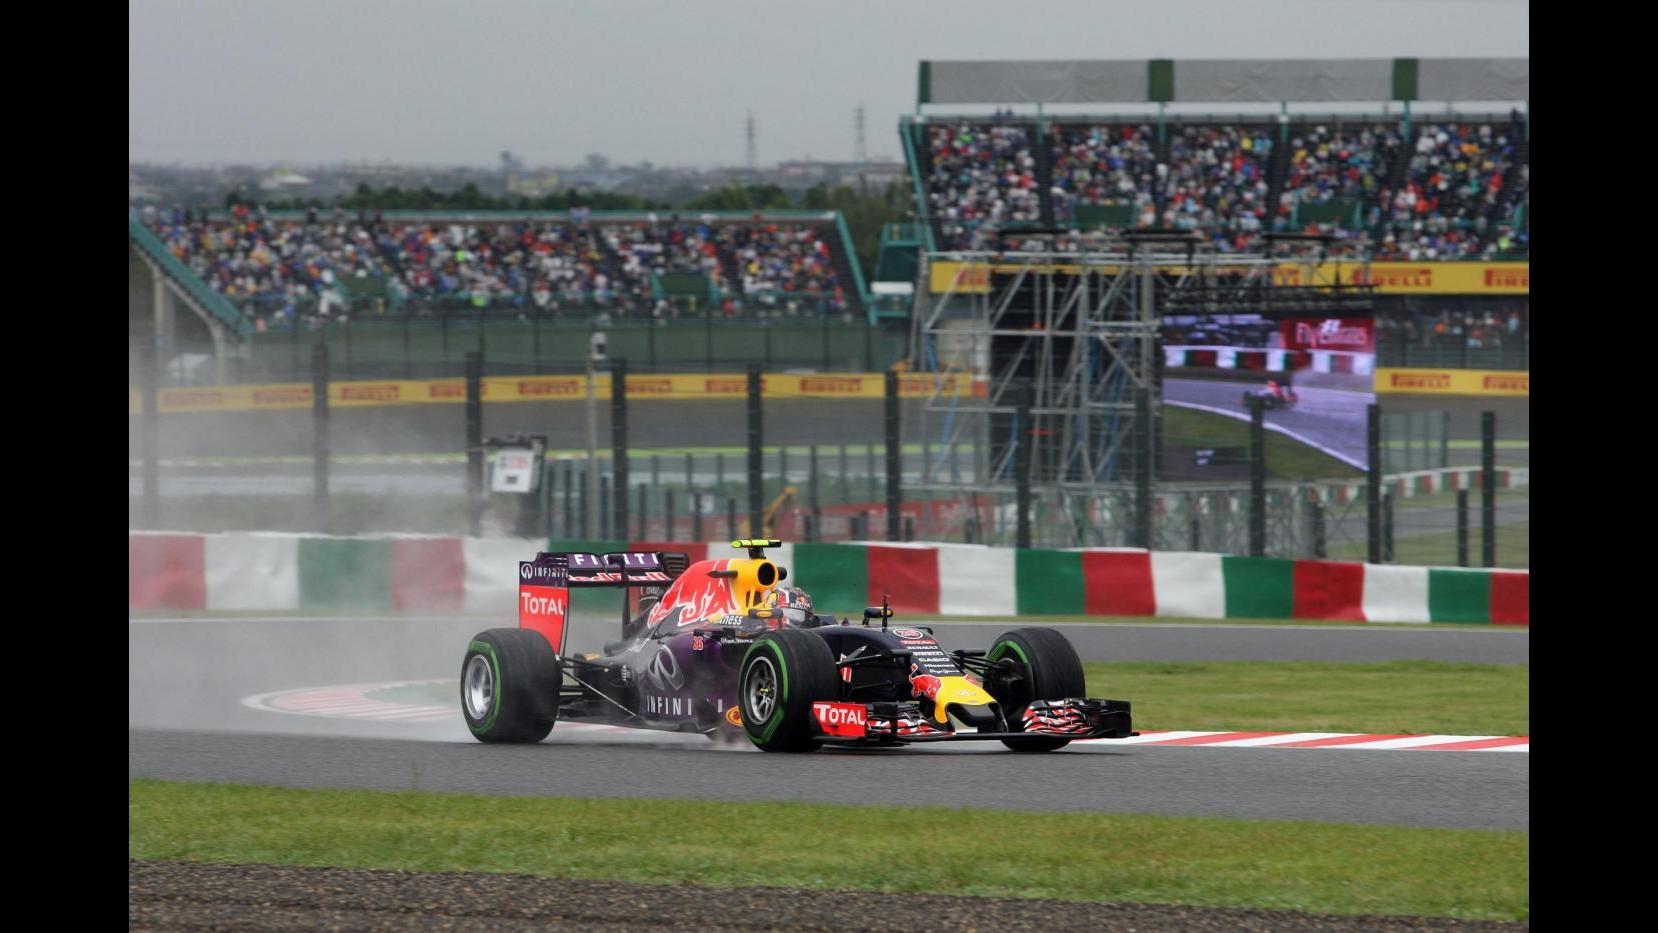 F1, Kvyat sull'incidente: E' stato un errore da debuttante